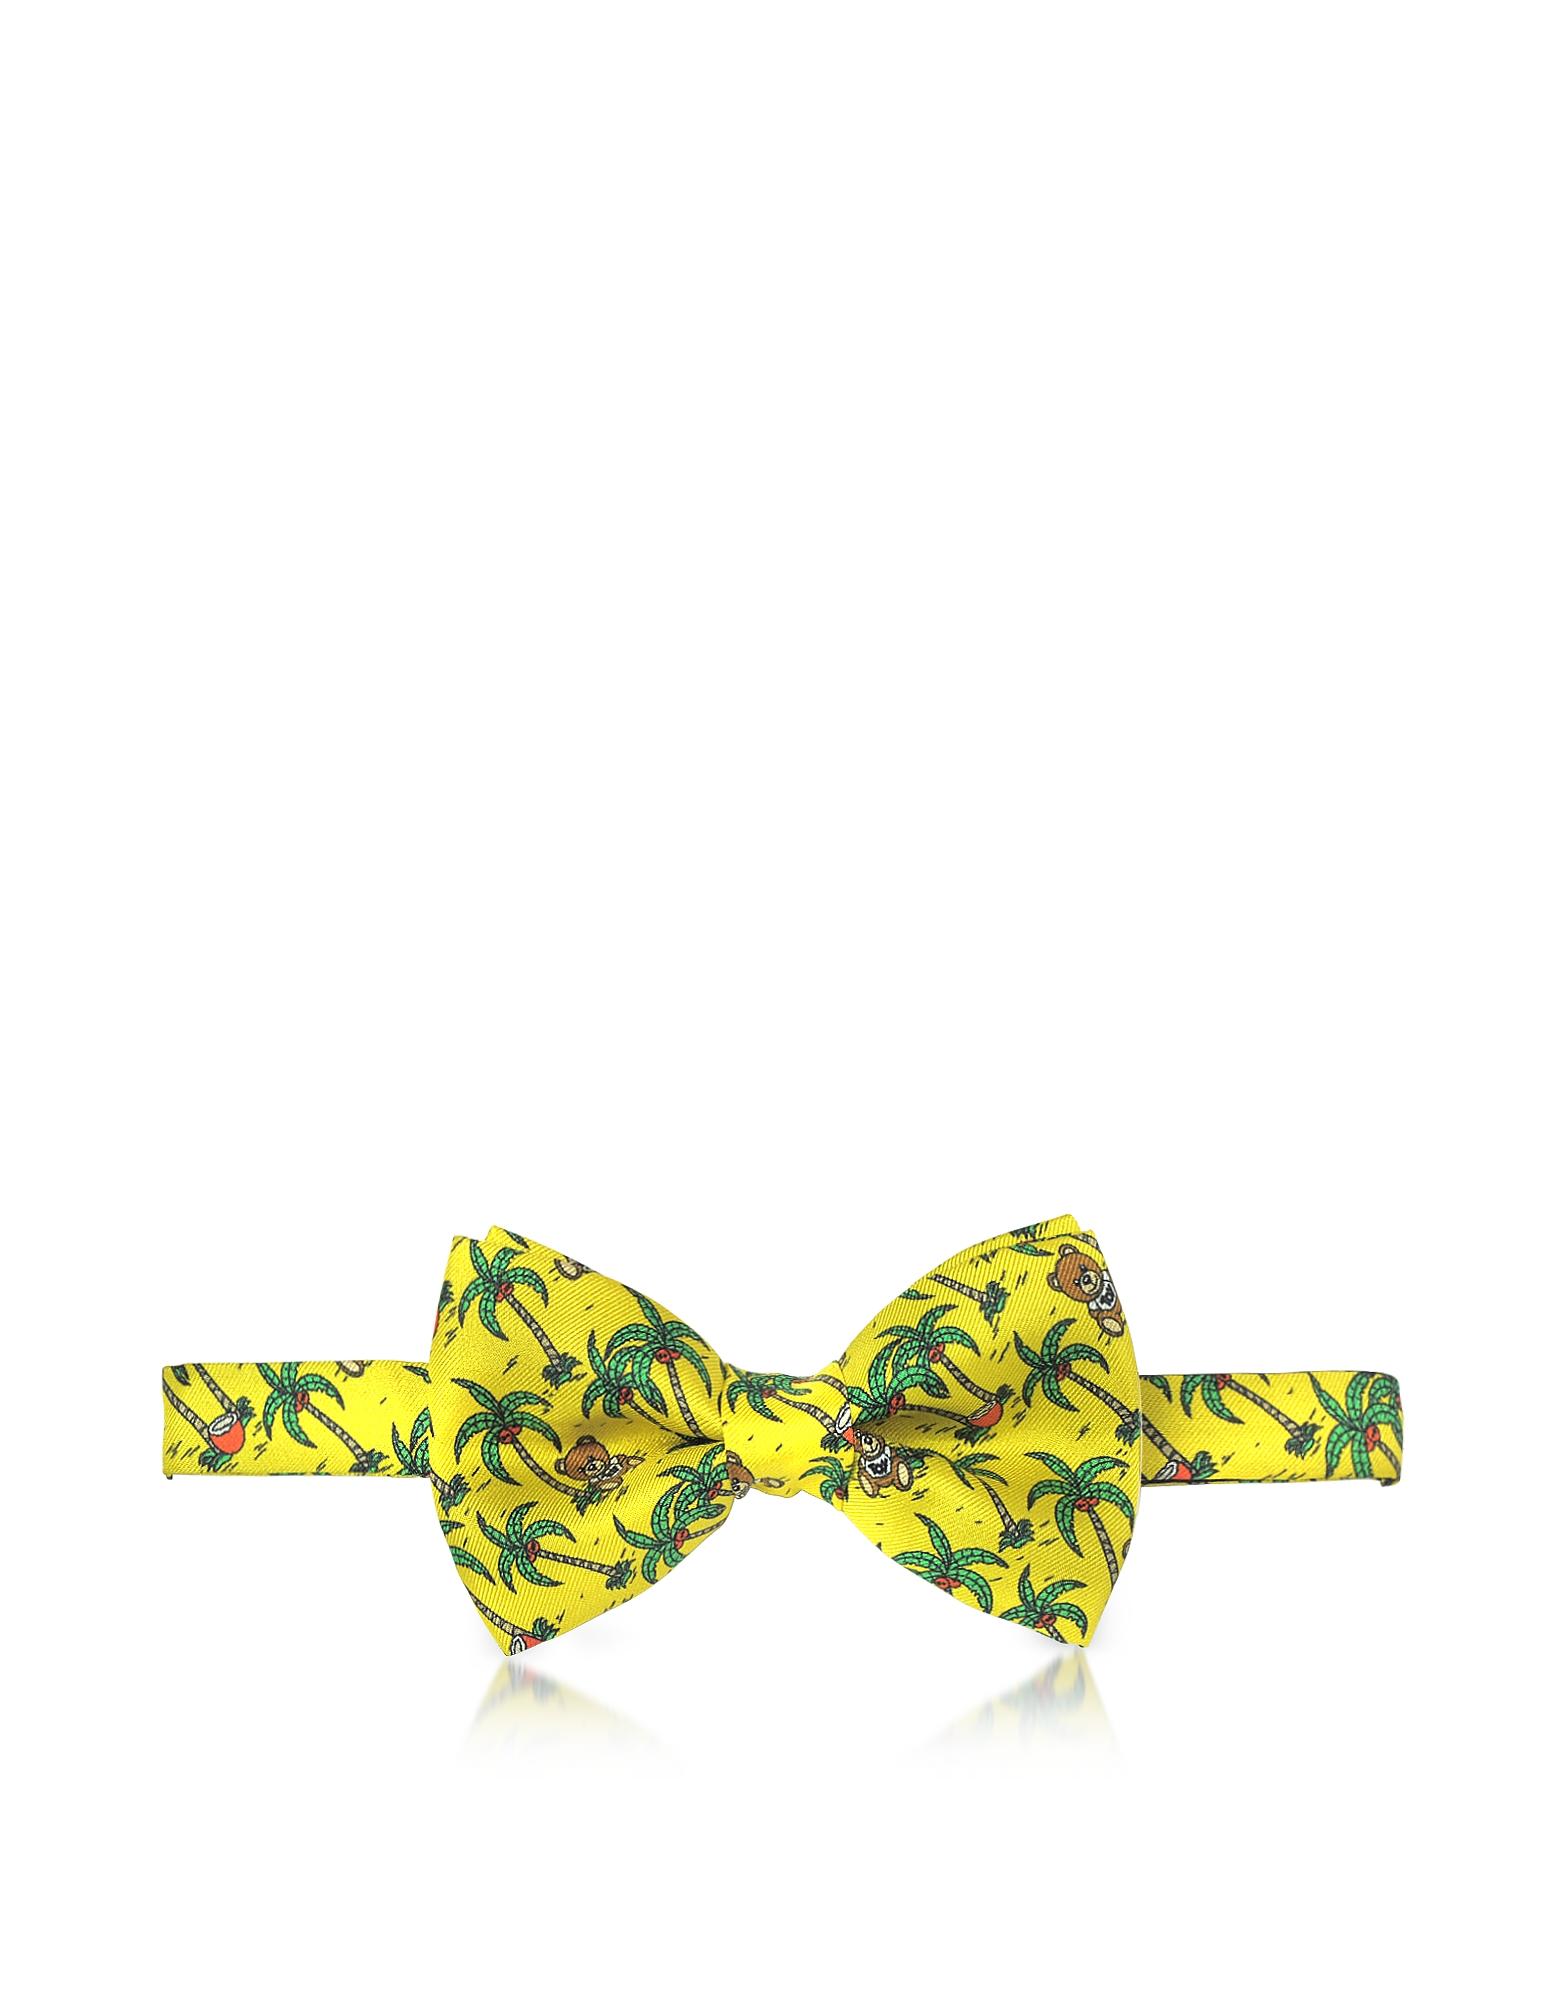 Желтый Галстук Бабочка из Твилового Шелка с Принтом Пальм и Медвежат